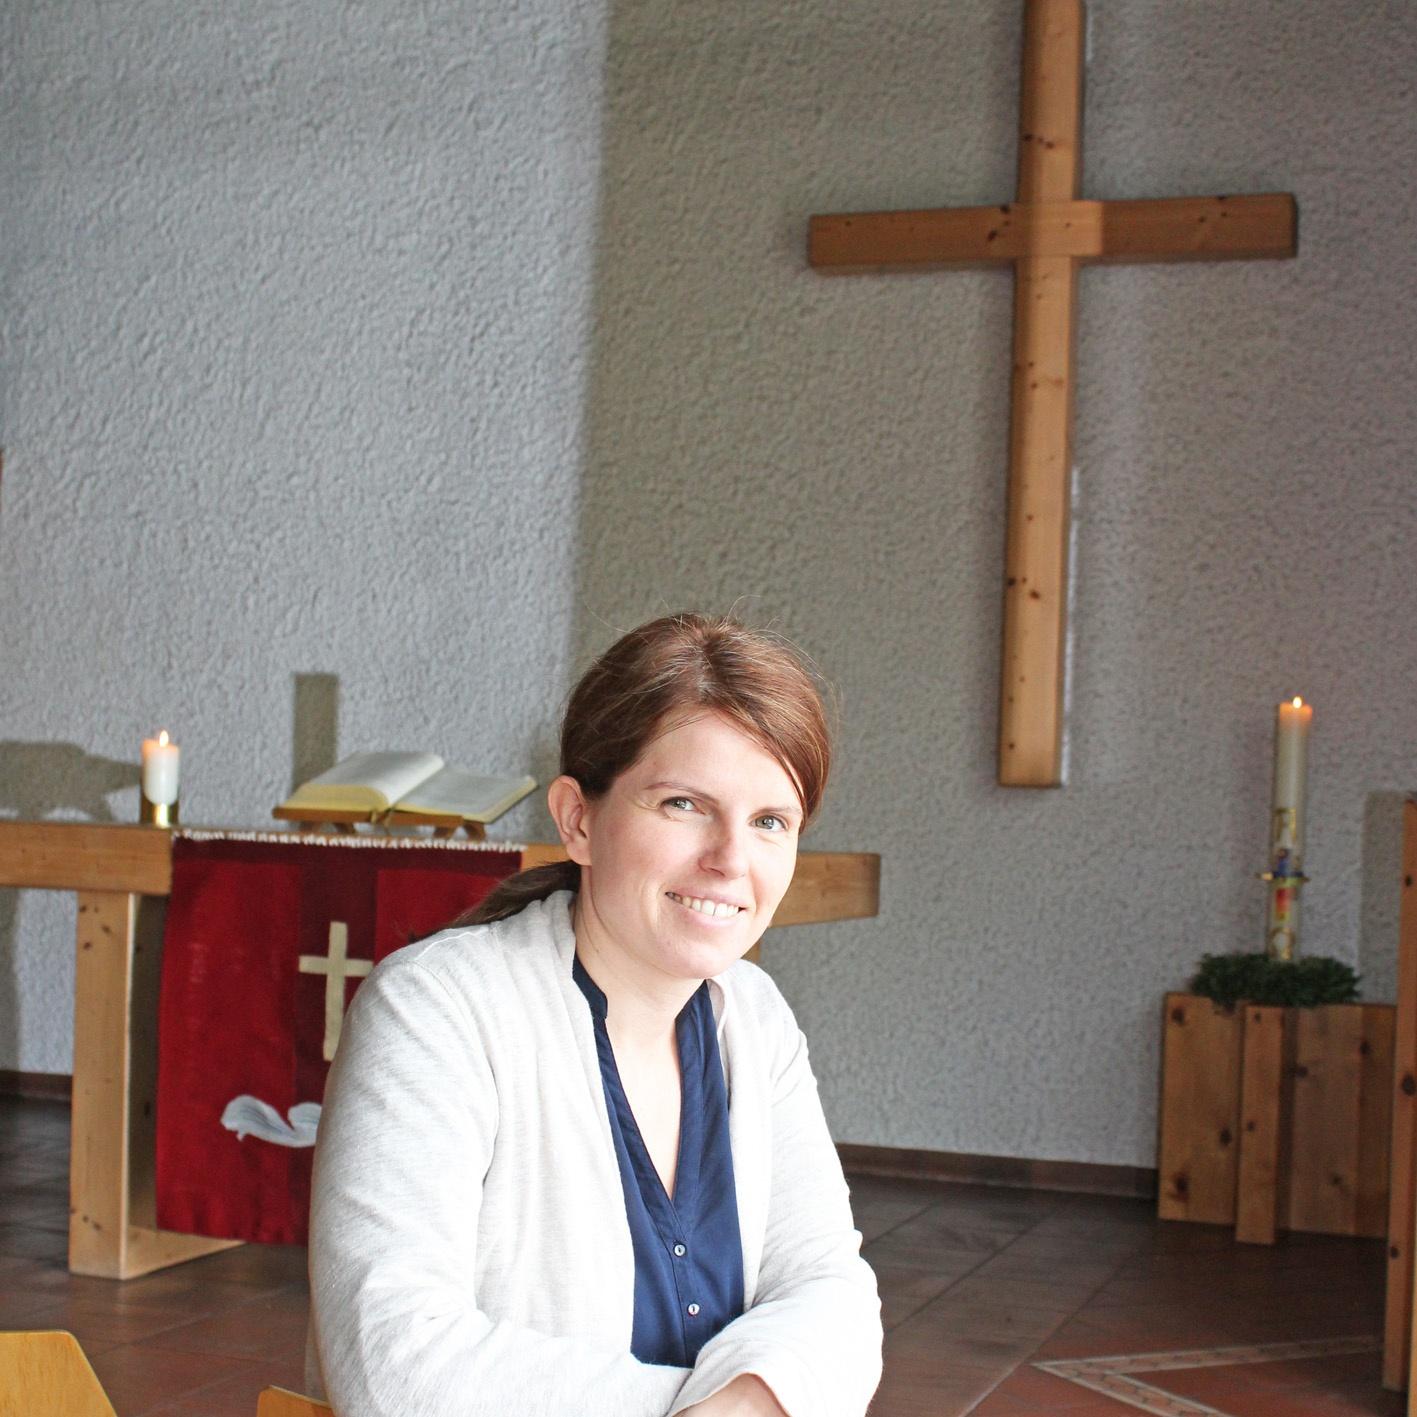 Pfarrerin im Pfarrbezirk Sennelager und Sande: Superintendent führt Pfarrerin Elisabeth Goller ein